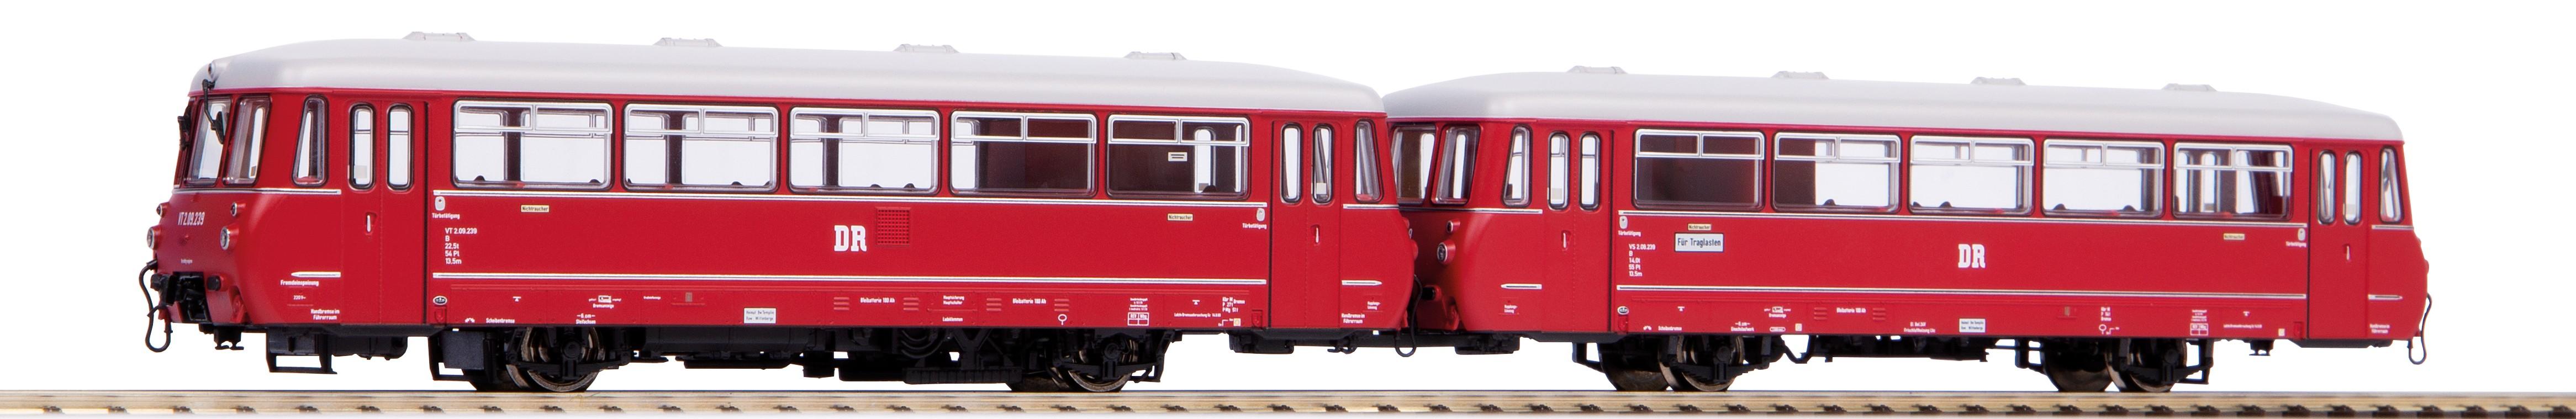 Dieseltriebwagen VT 2.09 DR EpIII NEM PluX22 Piko 52880 H0 1:87 NEU HH4 µ